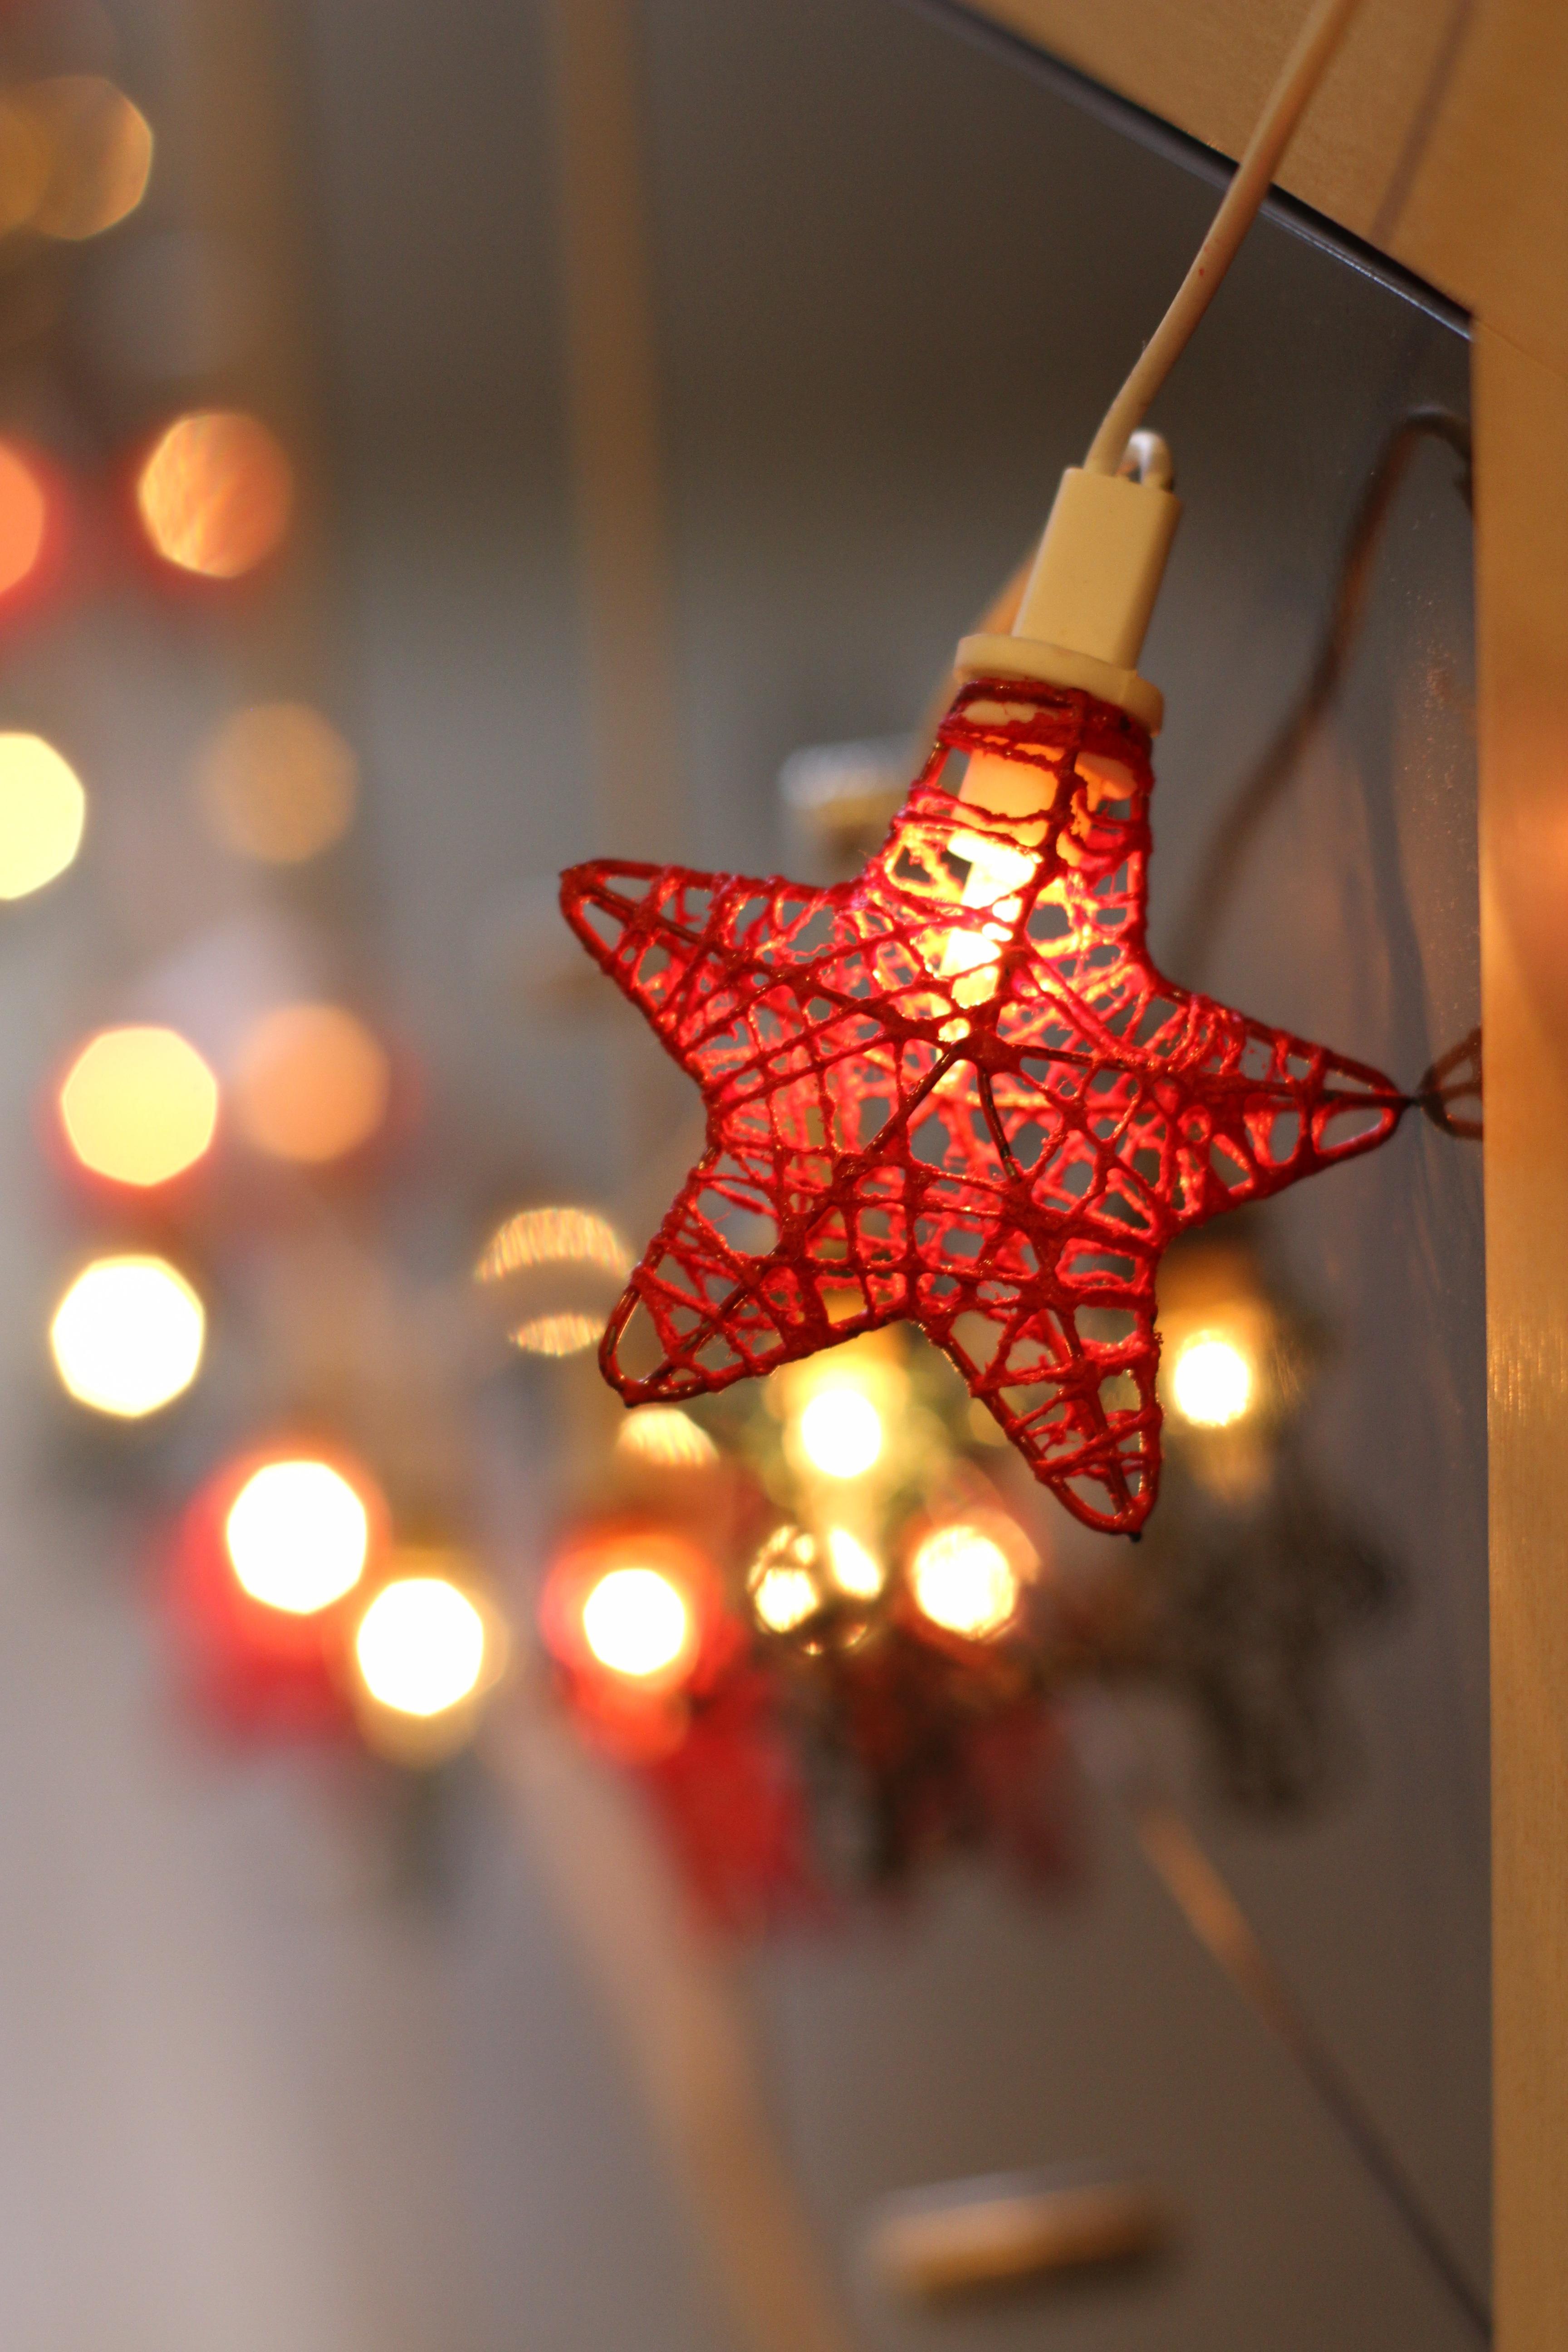 Fotos gratis : ligero, estrella, hoja, vaso, patrón, rojo, color ...